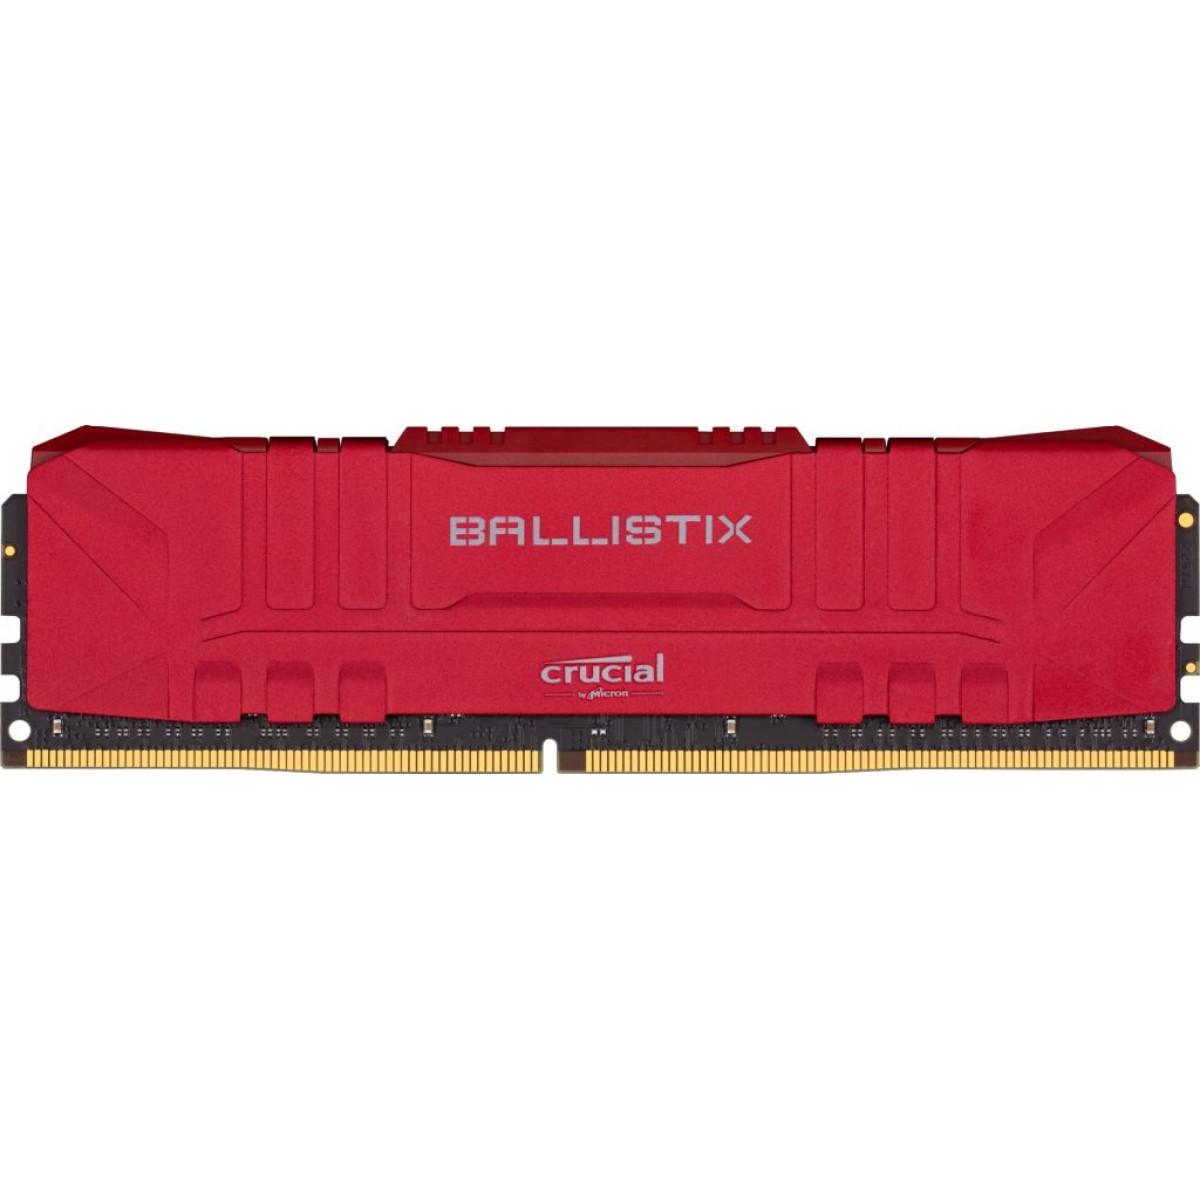 Memória DDR4 Crucial Ballistix, 16GB (2x8GB) 2666MHz, Red, BL2K8G26C16U4R